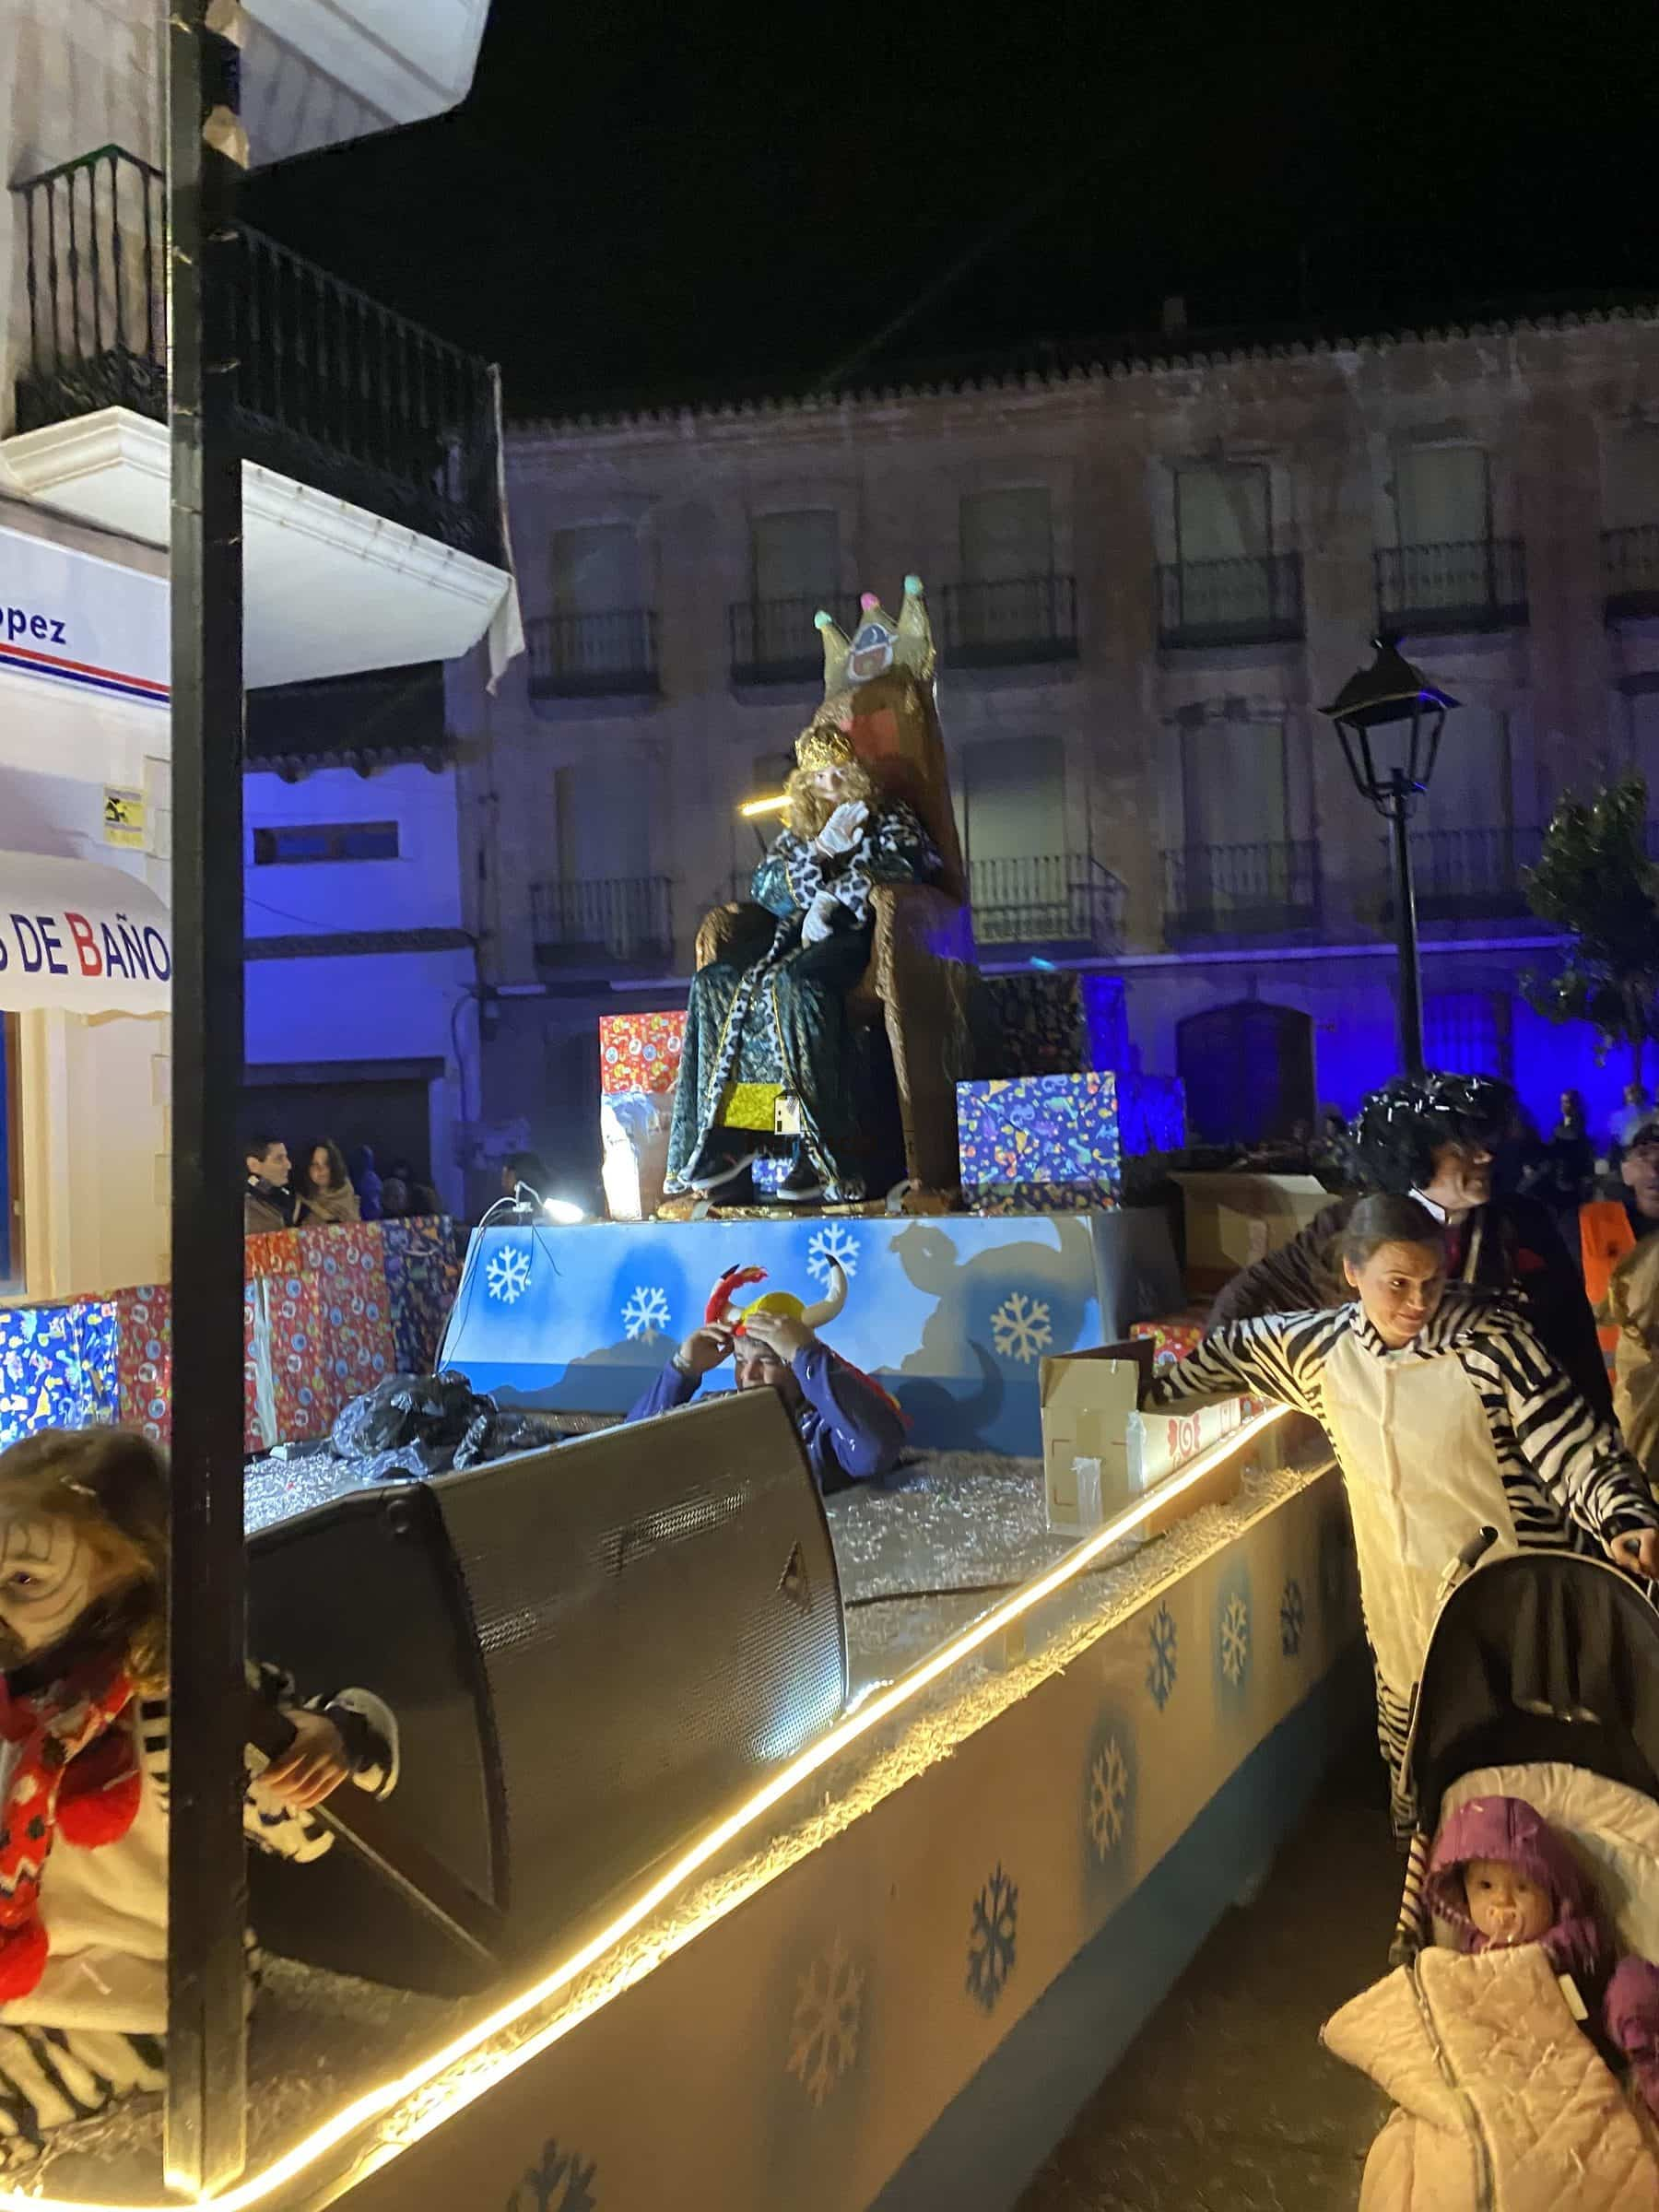 cabalgata reyes 2019 herencia 5 e1578264142385 - Galería de fotografías de Cabalgata de Reyes Magos de Herencia